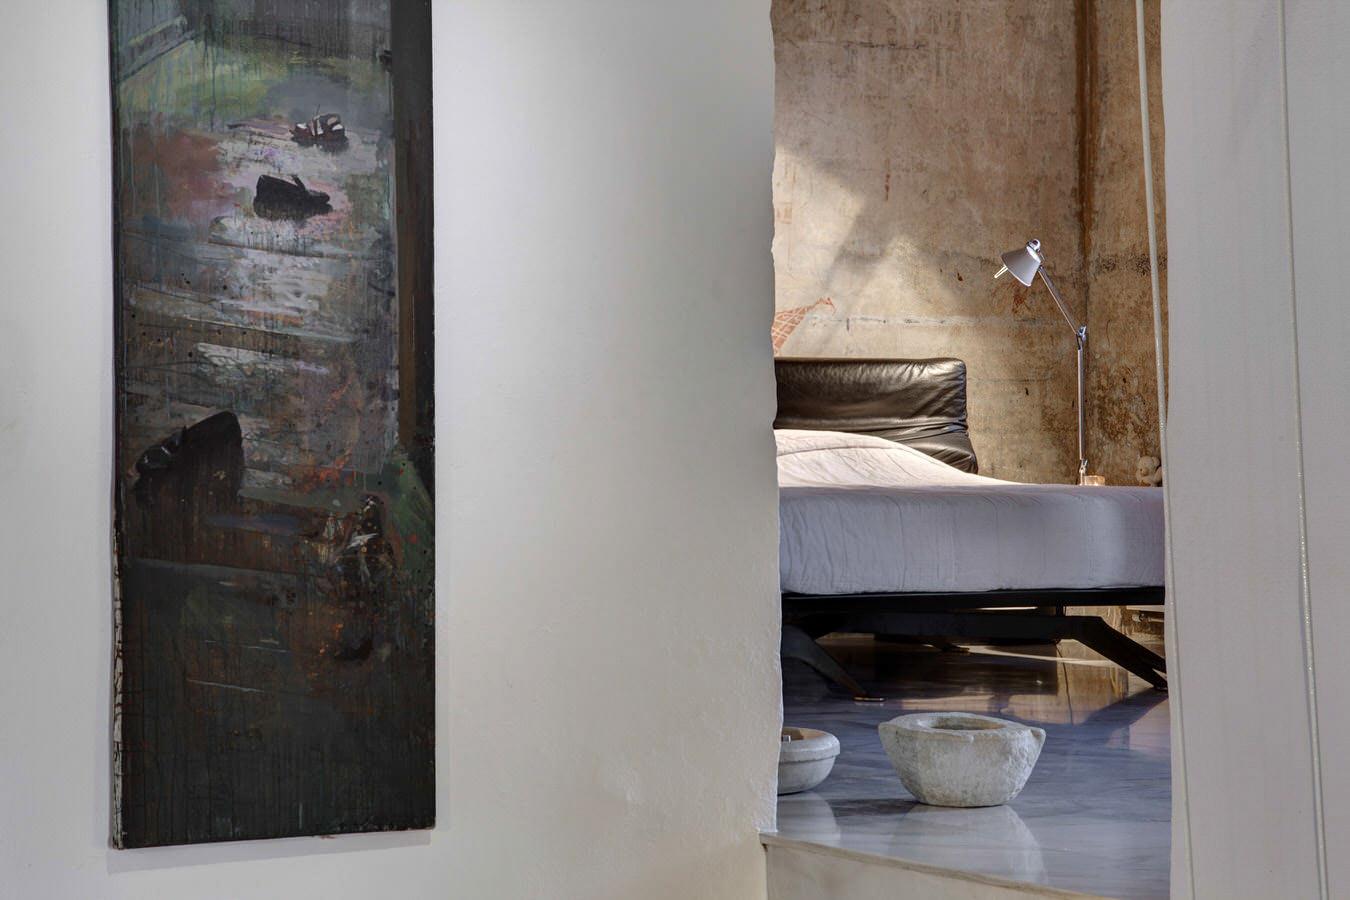 EQUILIBRIUM, Γιώργος Φάκαρος - Αρχιτεκτονική Φωτογραφία | Εσωτερικοί Χώροι | Φωτογραφία Ξενοδοχειών - Photography / Φωτογραφία